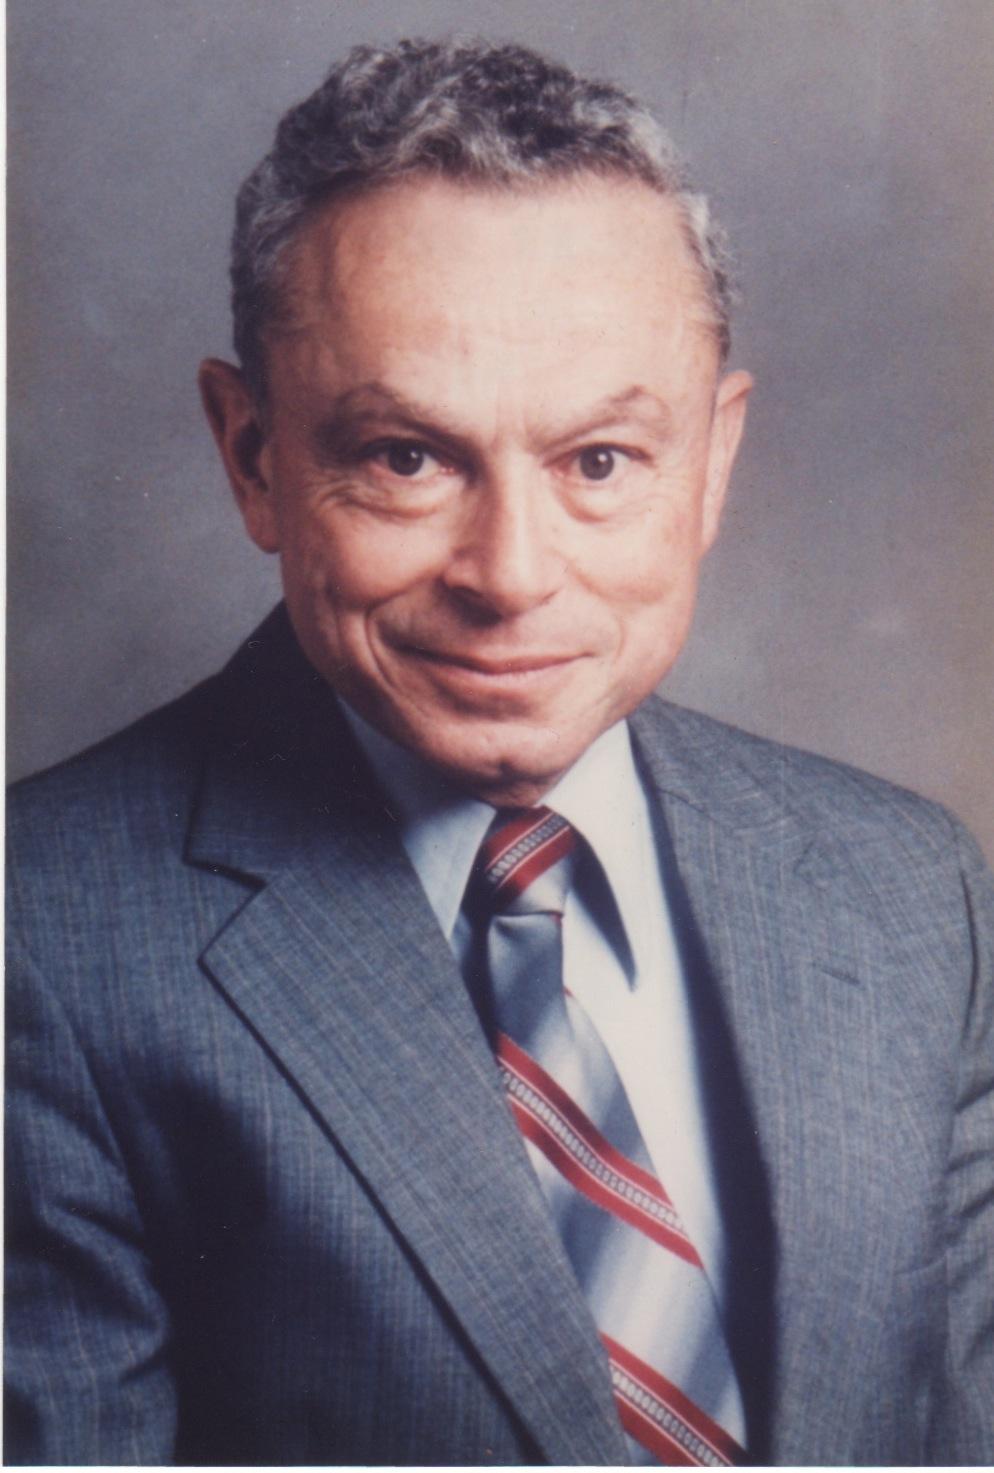 Karl Keiman